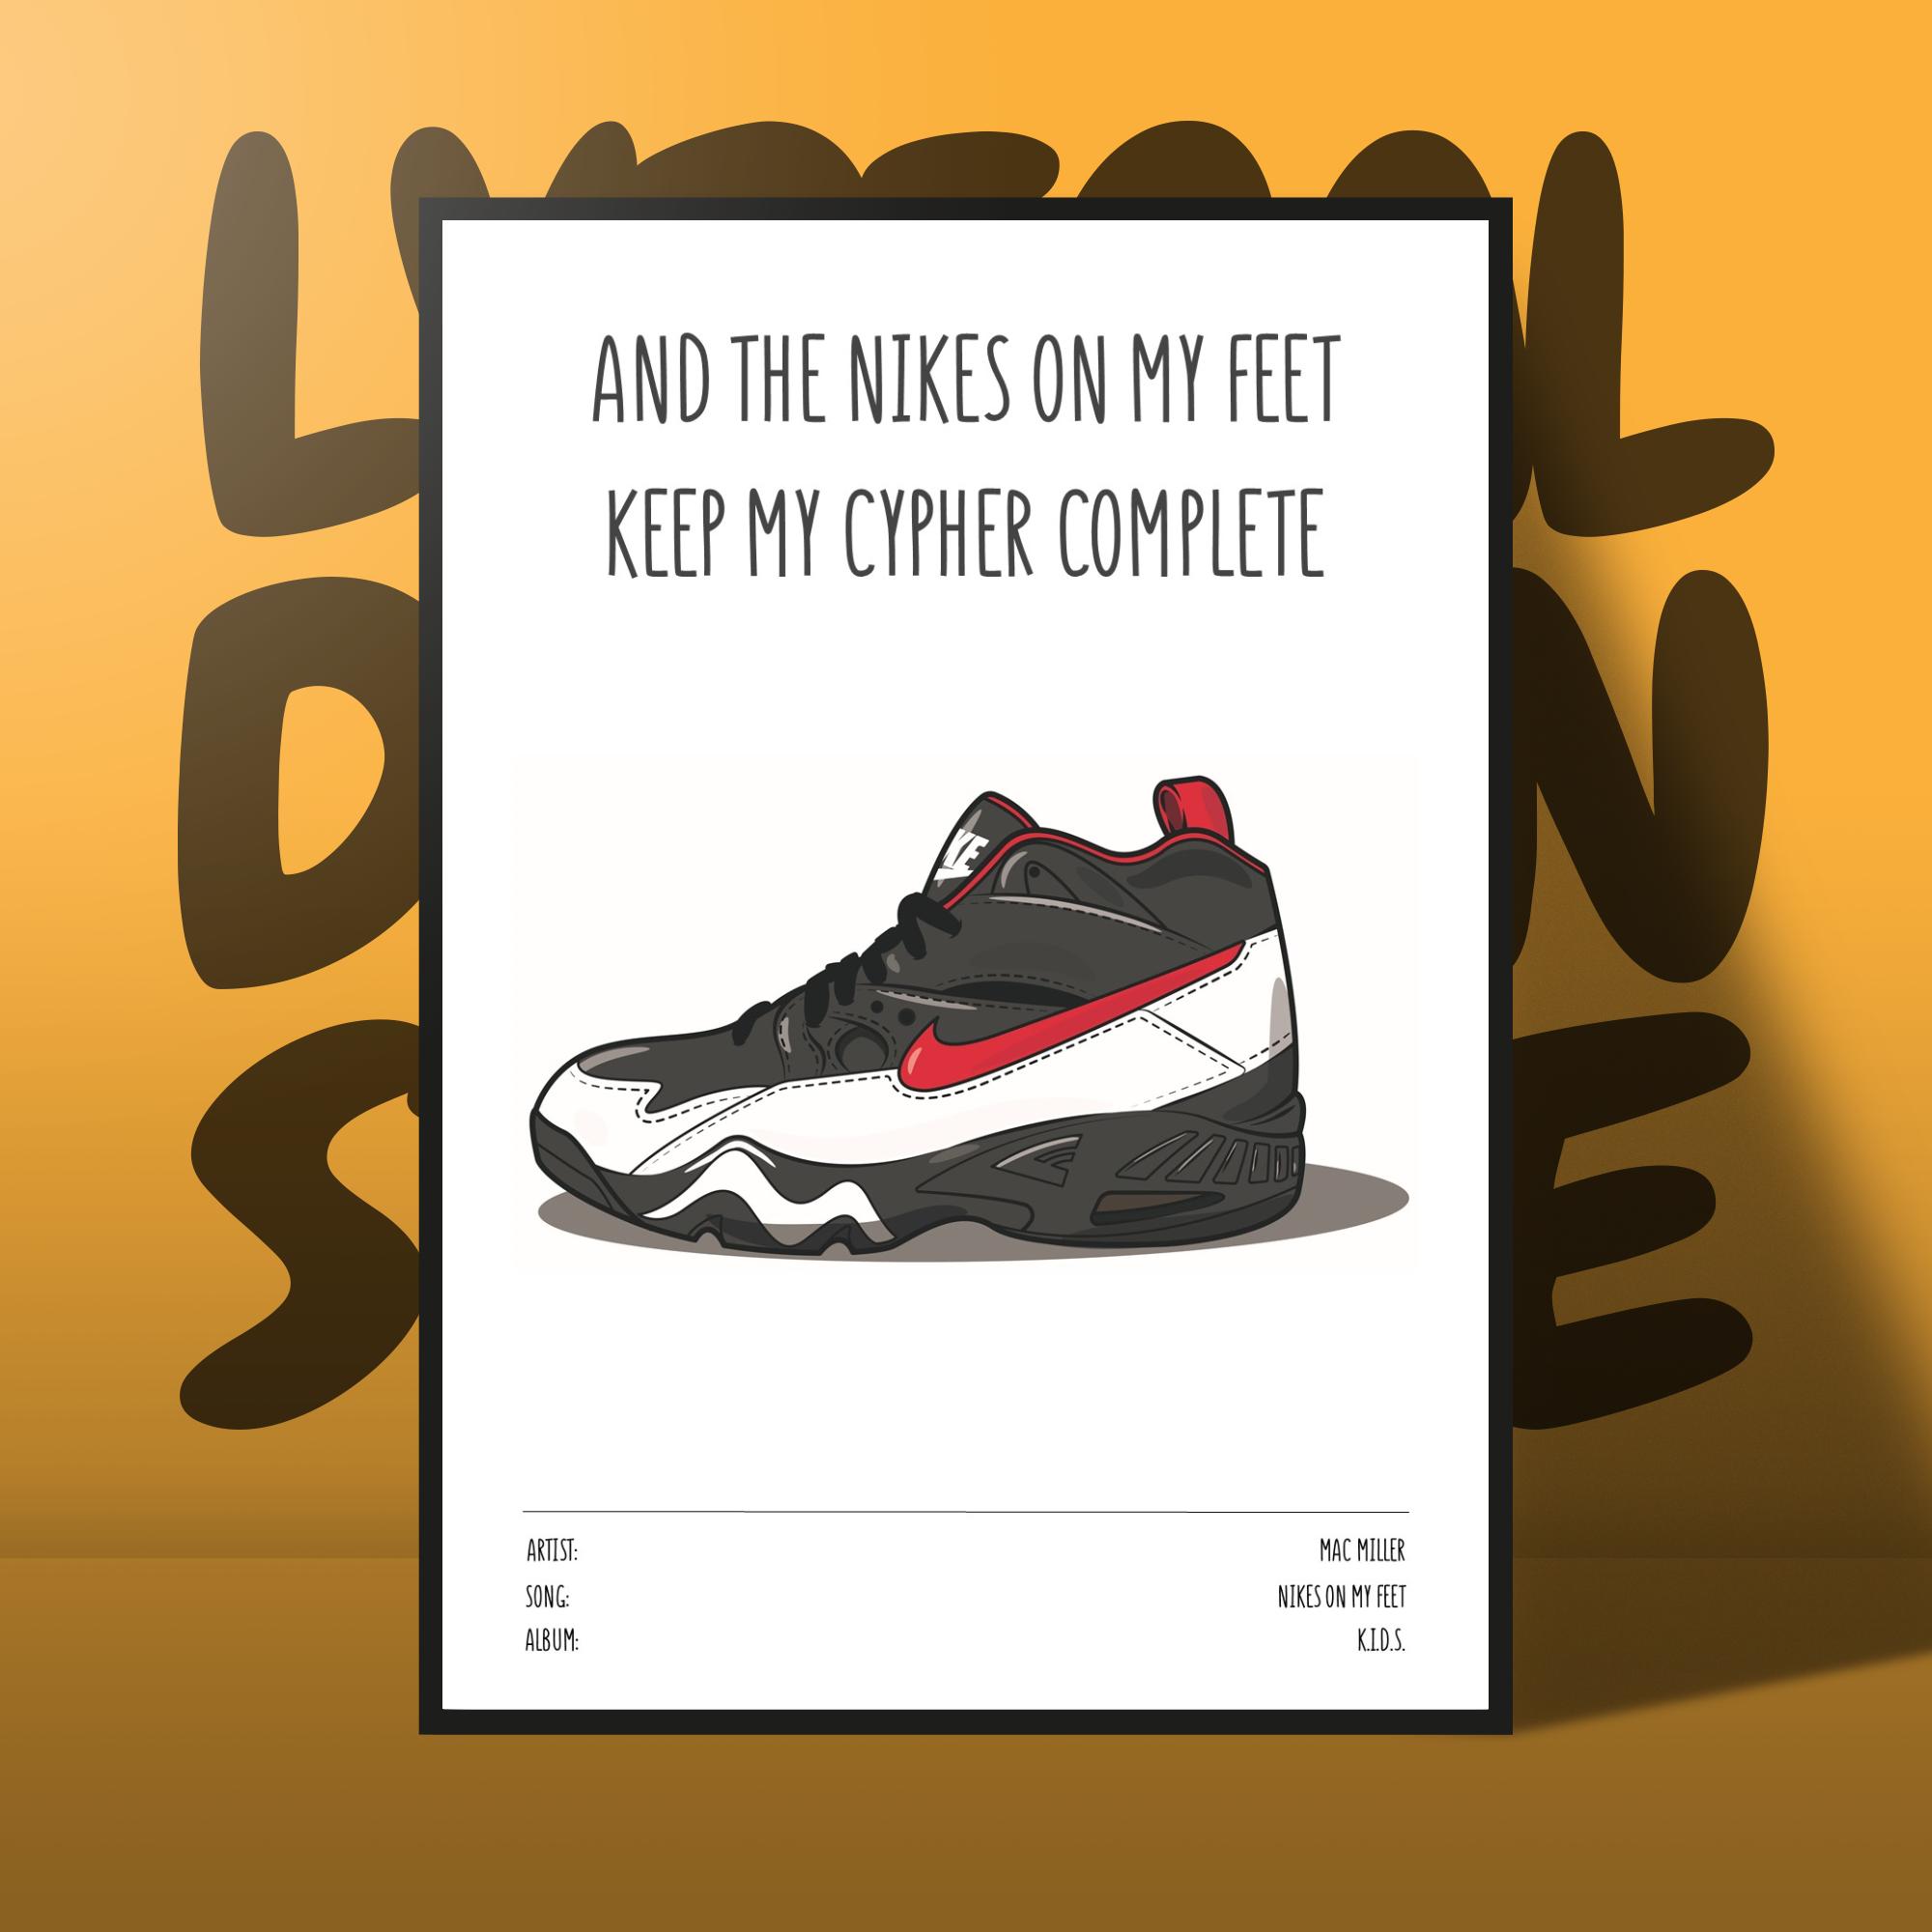 Mac Miller Poster Nikes On My Feet Etsy Mac Miller Nike Art Nike